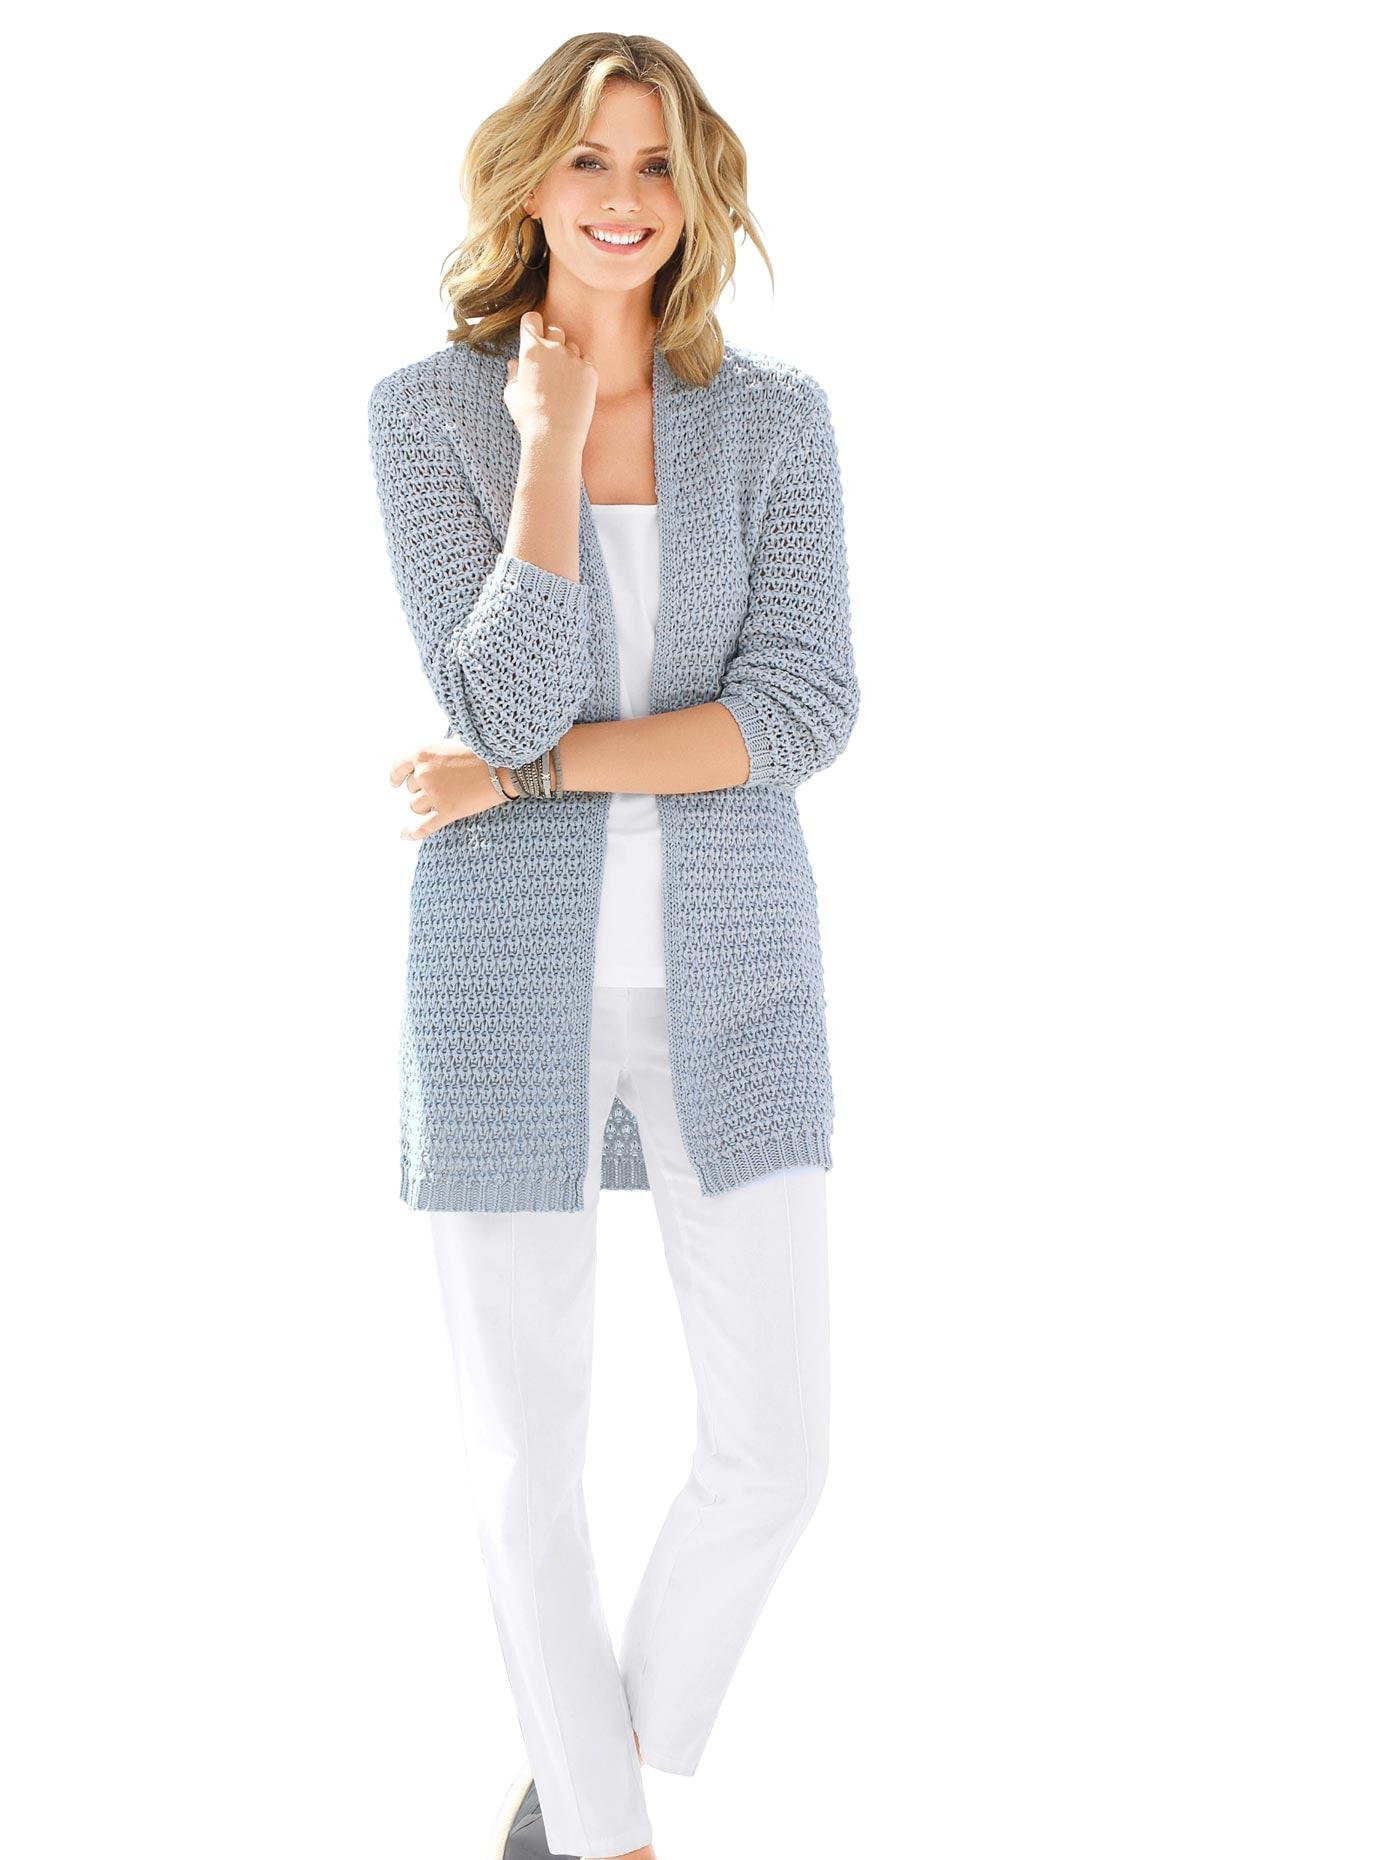 Ambria Hose mit optisch streckender abgesteppter Biese vorne | Bekleidung > Hosen > Sonstige Hosen | Weiß | Ambria